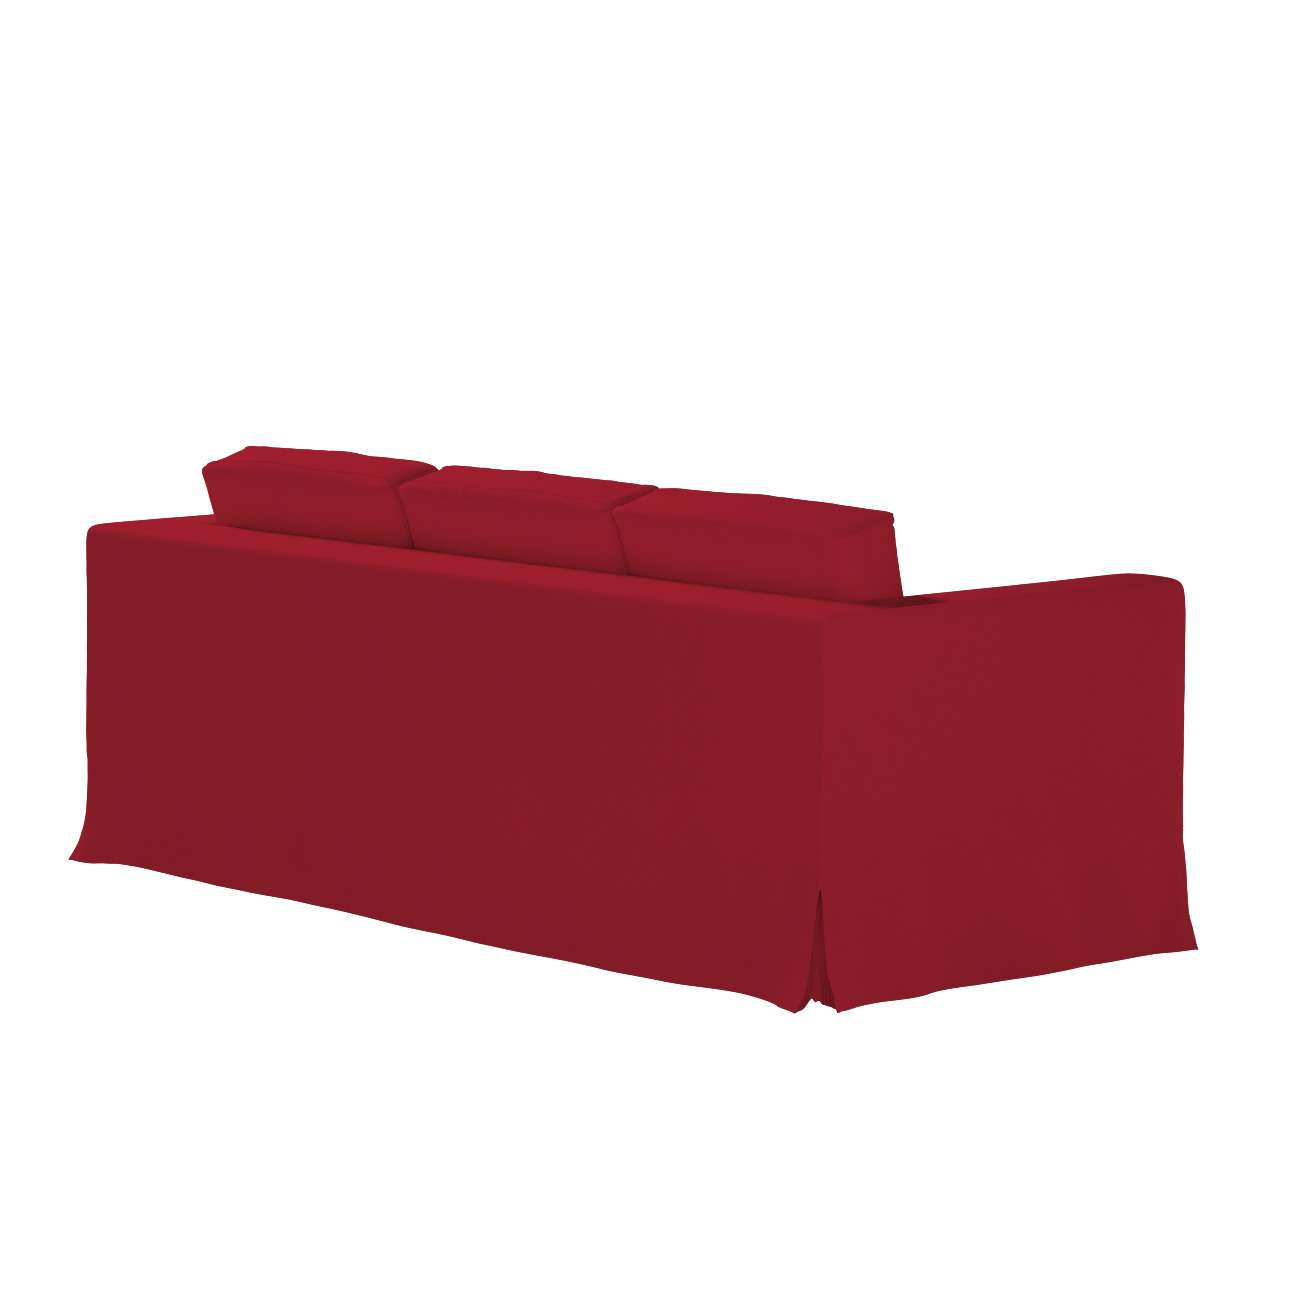 Bezug für Karlanda 3-Sitzer Sofa nicht ausklappbar, lang von der Kollektion Chenille , Stoff: 702-24